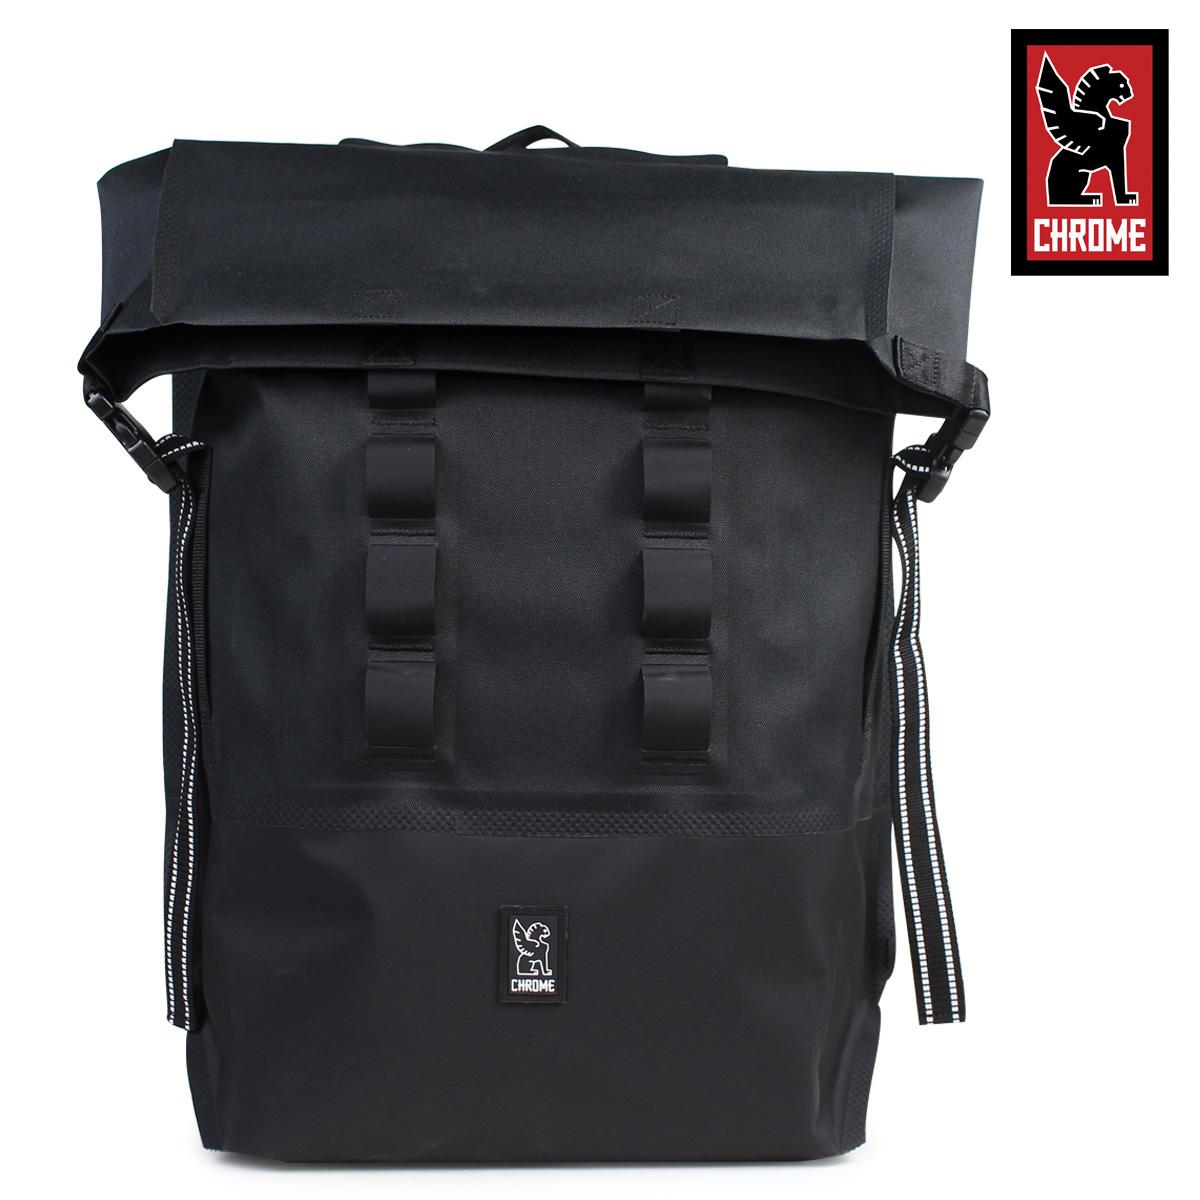 クローム リュック バッグ CHROME バックパック 28L メンズ レディース URBAN EX ROLLTOP BG-218 ブラック